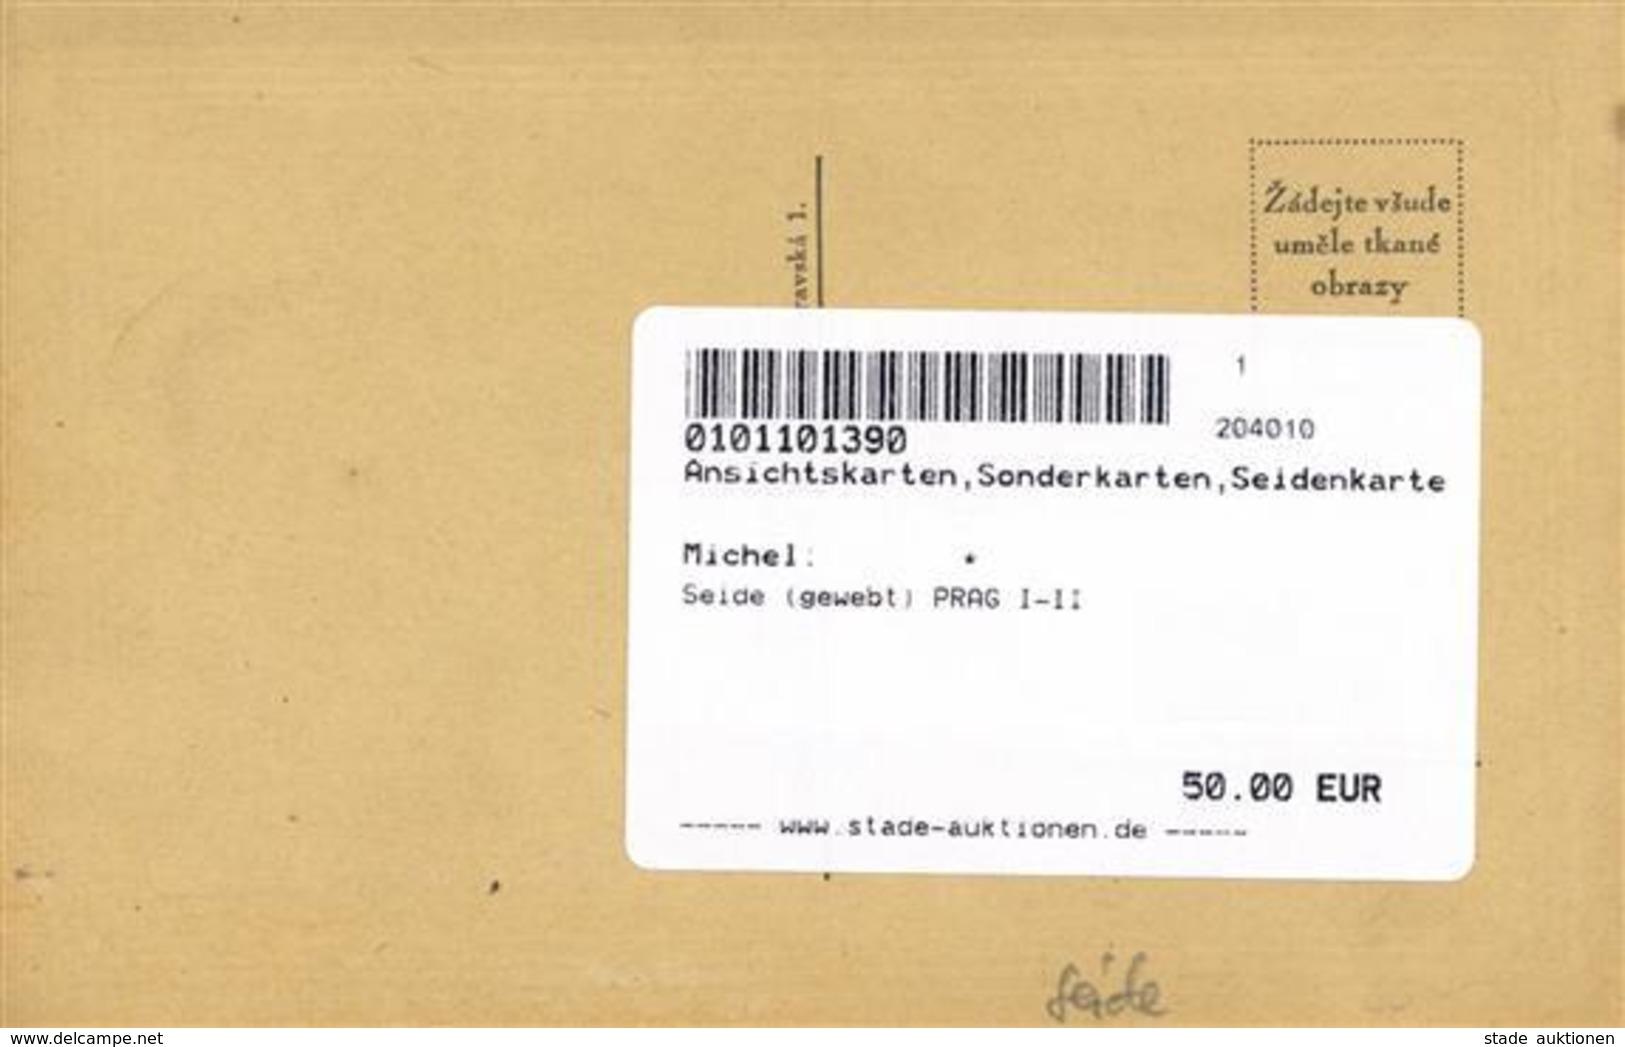 Seide (gewebt) PRAG I-II Soie - Ansichtskarten